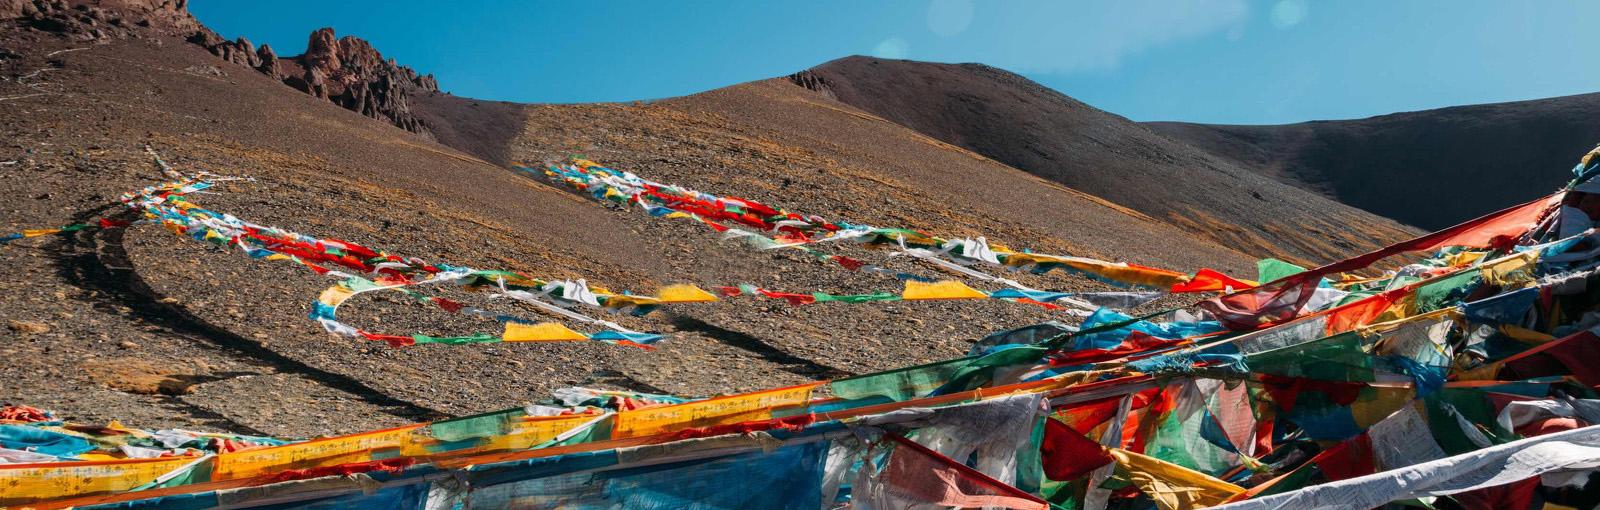 Tibet Group Tour,Tibet Group Tour